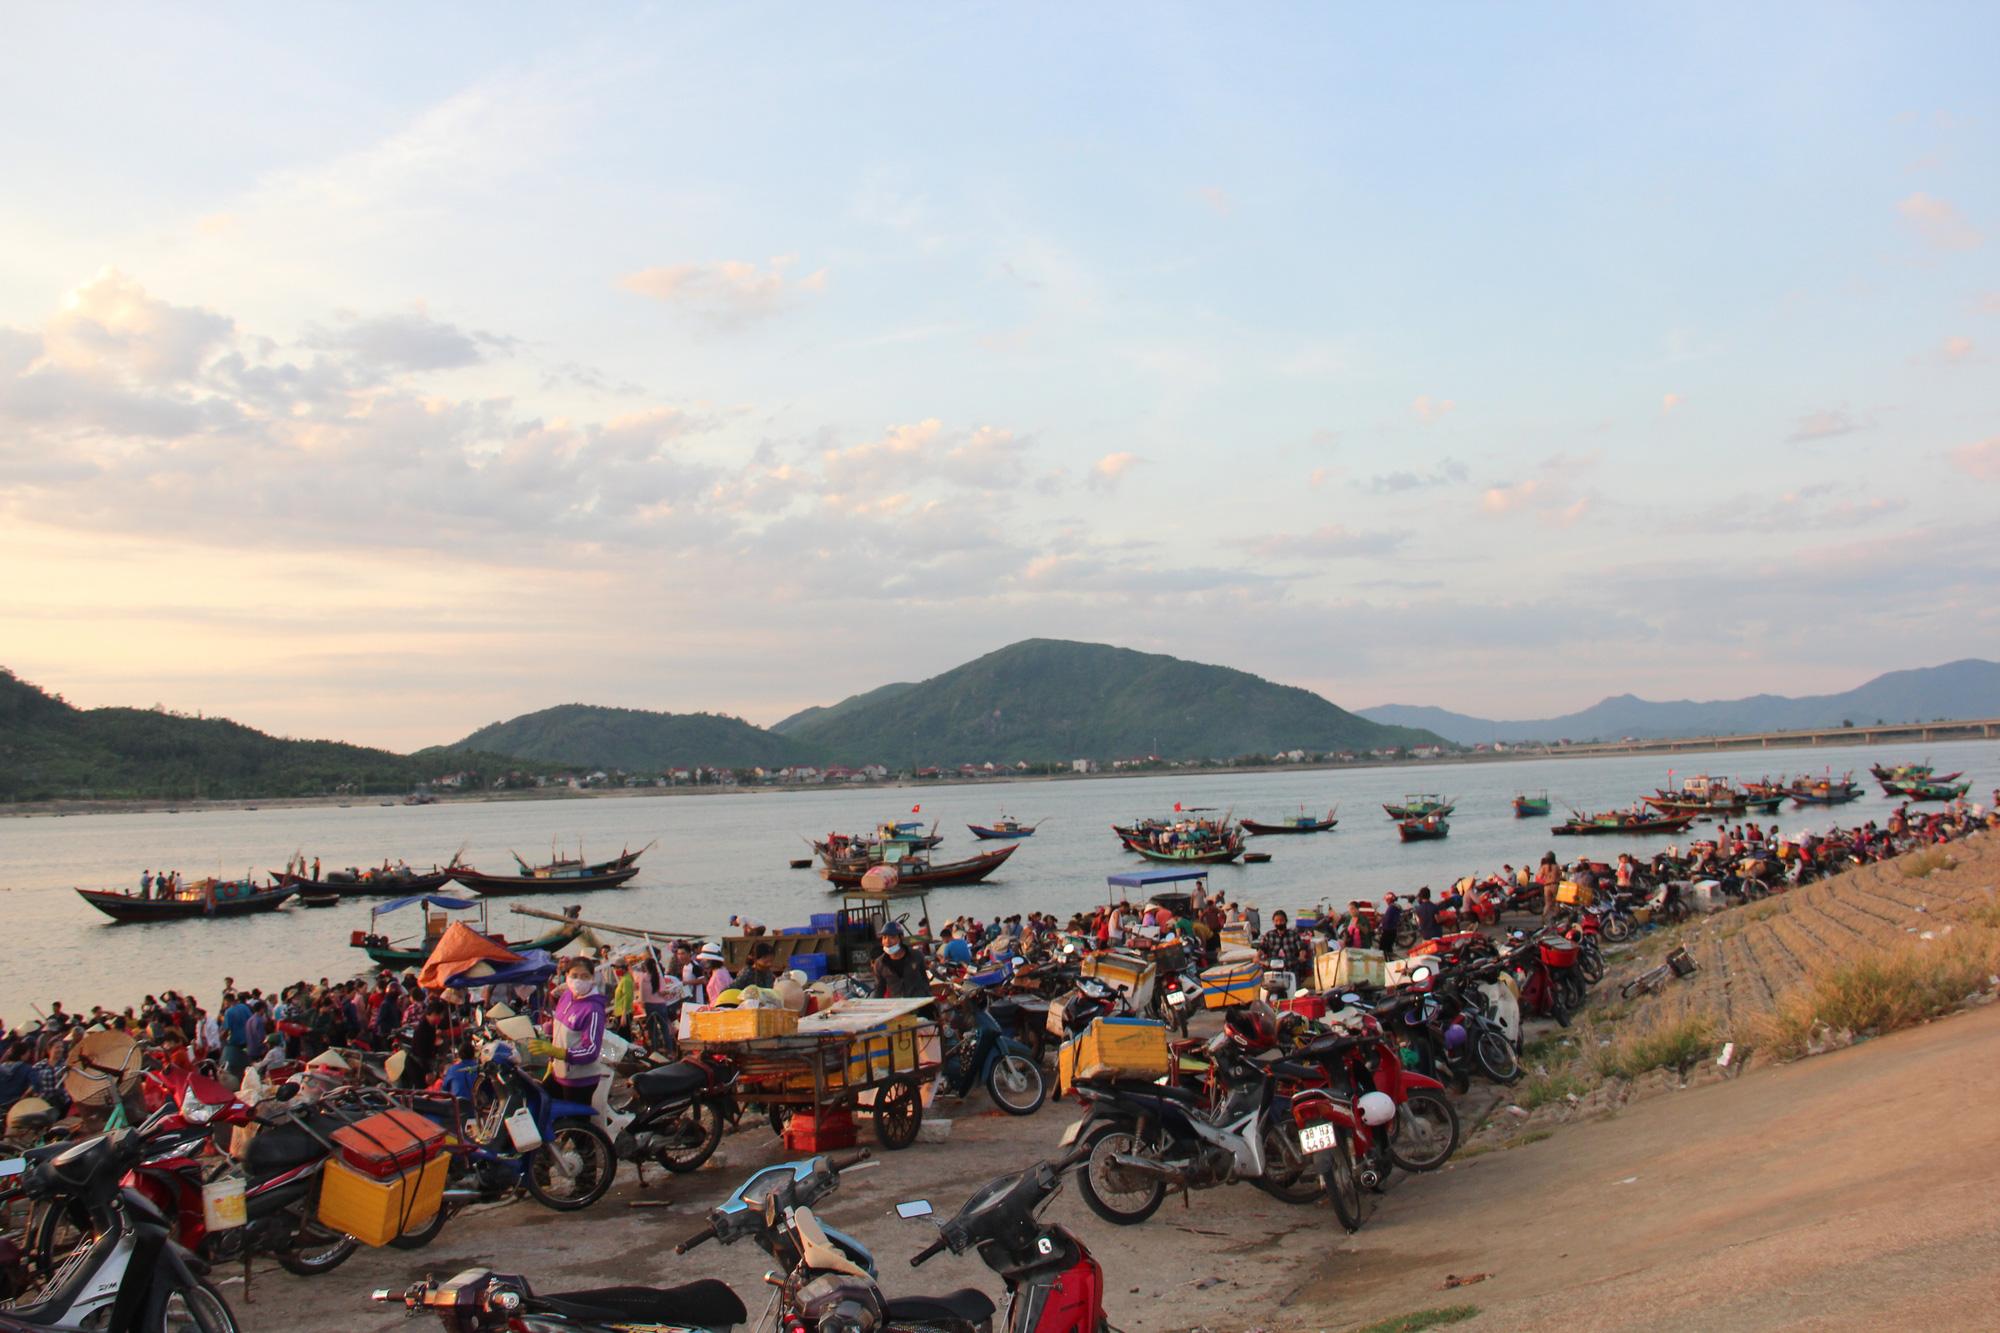 Độc đáo chợ cá truyền thống hơn 400 năm - Ảnh 6.